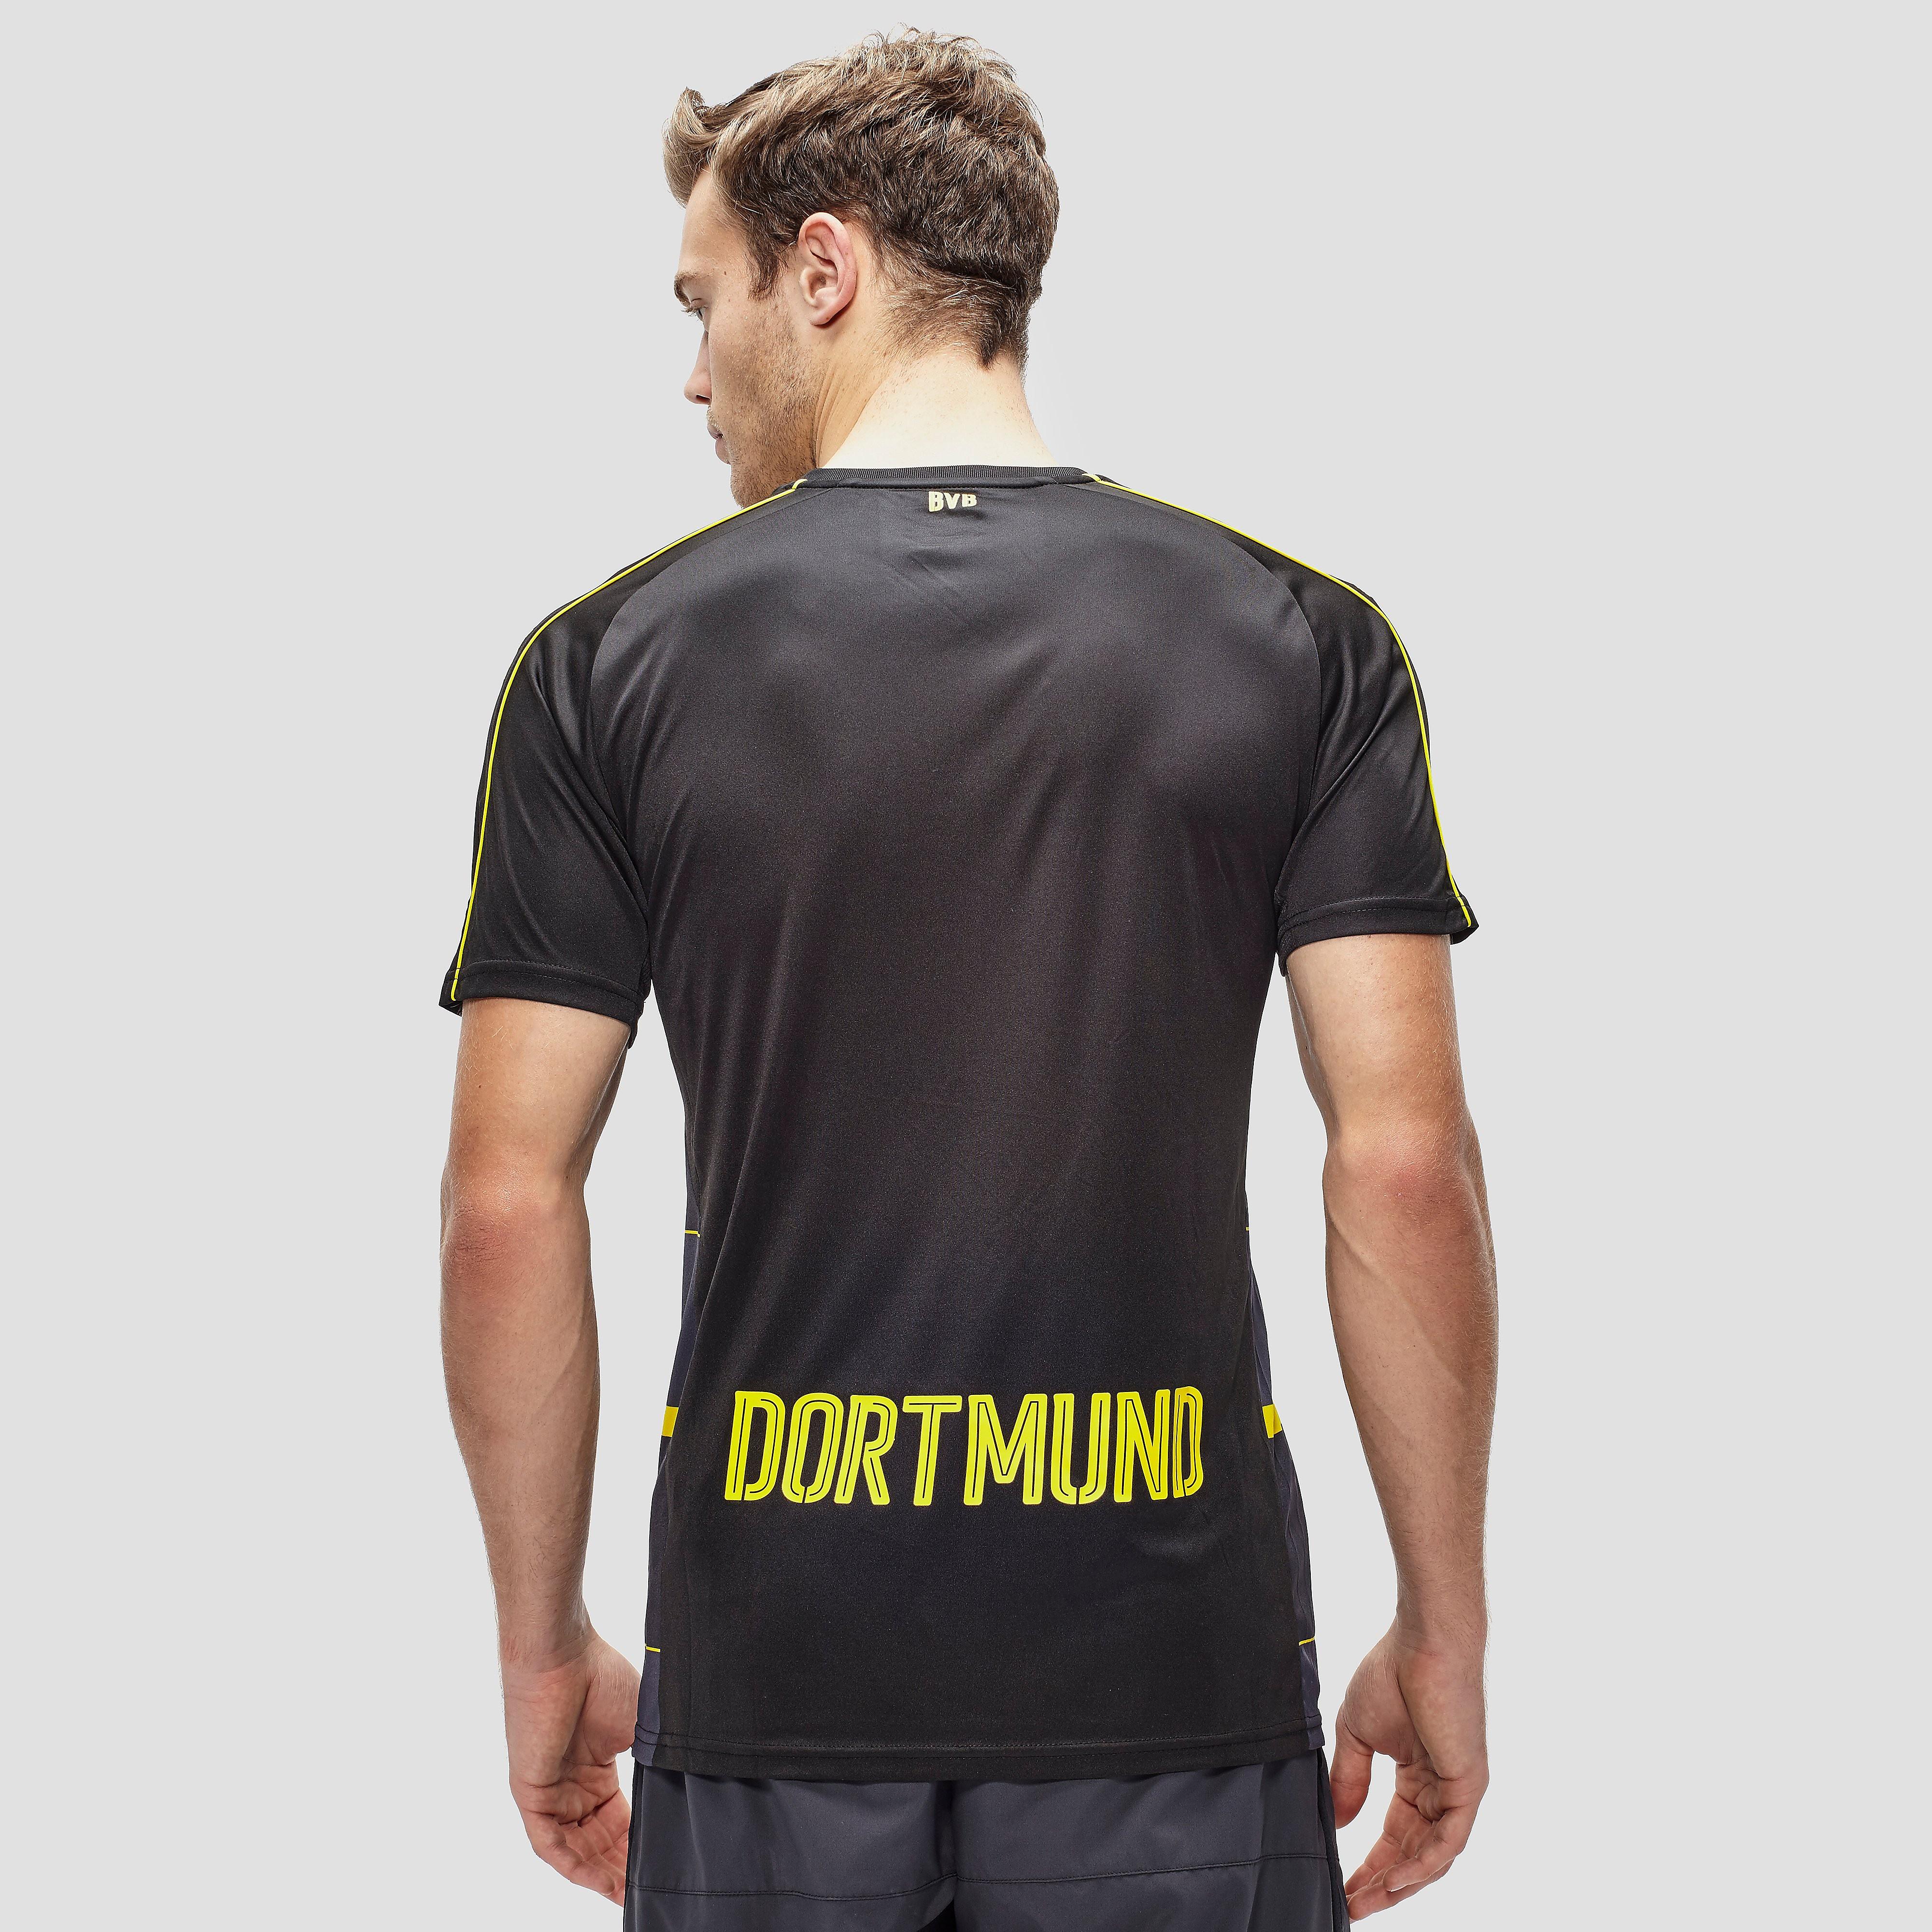 Puma BVB Dortmund 2016 Away Jersey